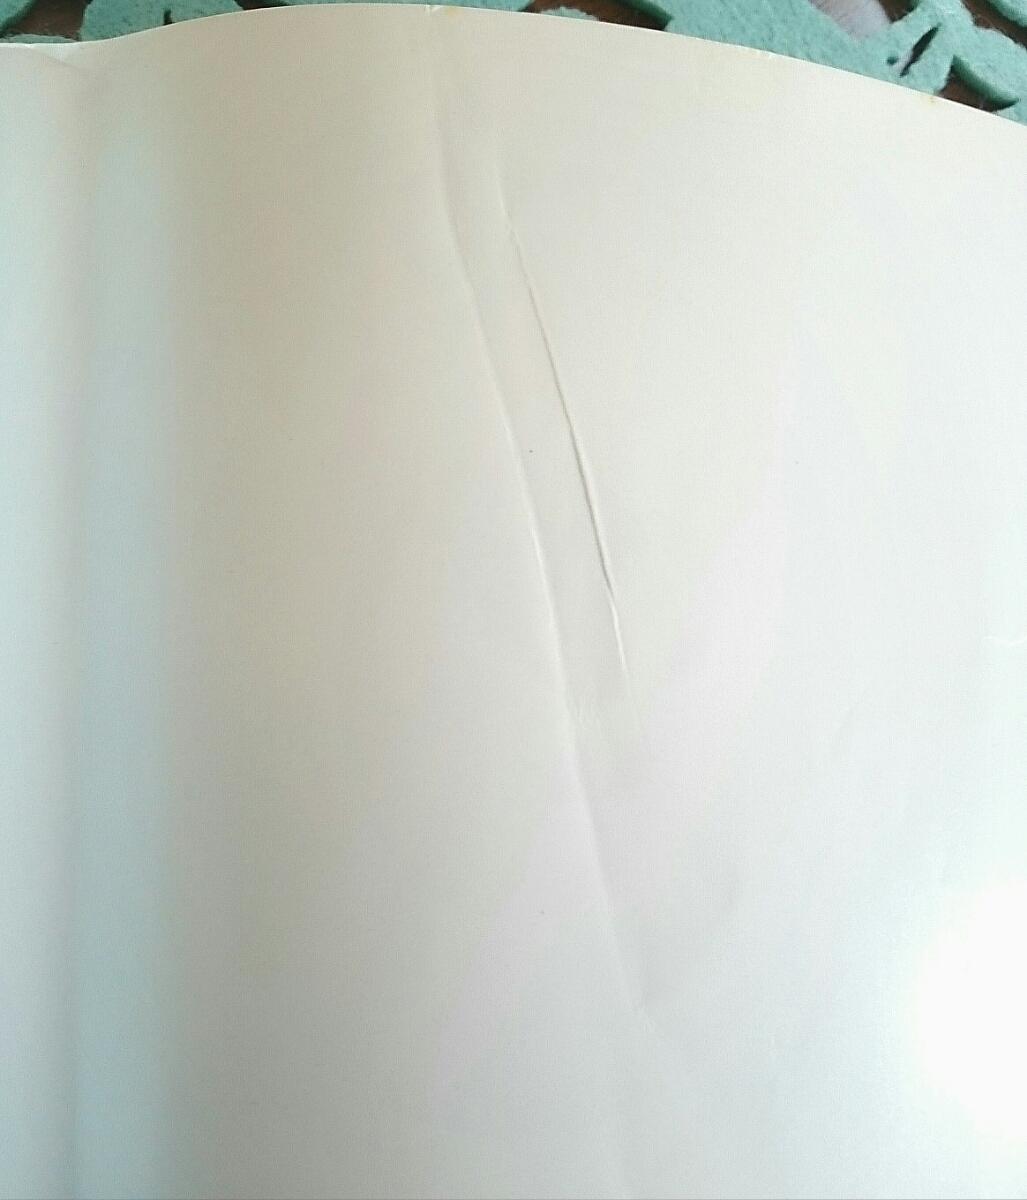 【懐かしい!】アメブロ Amebaブログ ブログ書籍 エッセイ きらきら研修医 ①・②巻セット 織田うさこ 幻冬舎 アメーバブックス _画像9